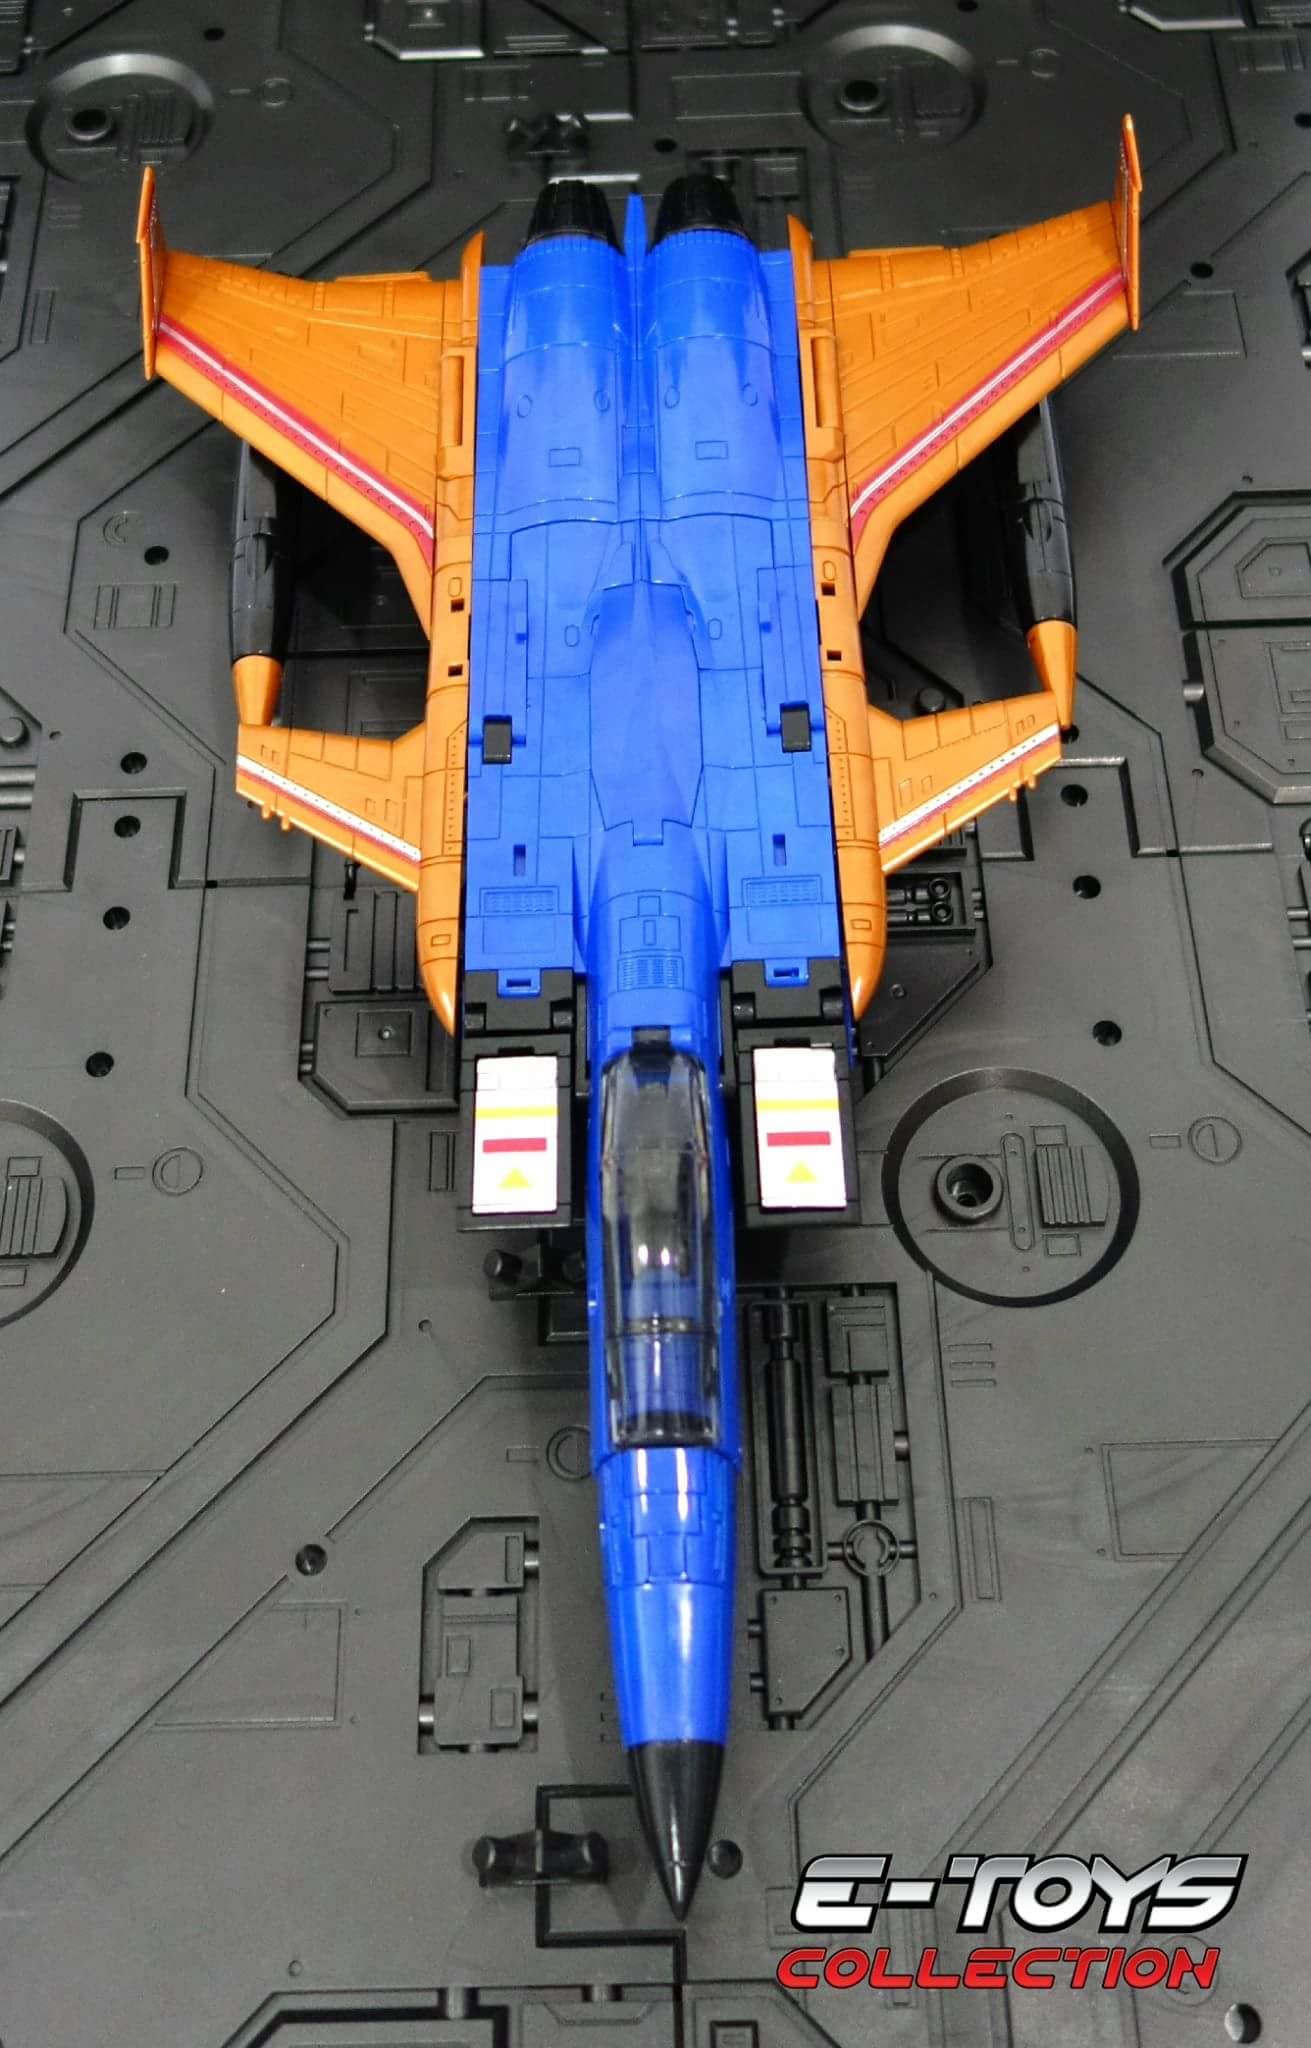 [ToyWorld] Produit Tiers - TW-M02A Combustor (Ramjet/Statoréacto), TW-M02B Assault (Thrust/Fatalo), TW-M02C Requiem (Dirge/Funébro) - Page 3 V48sm5La